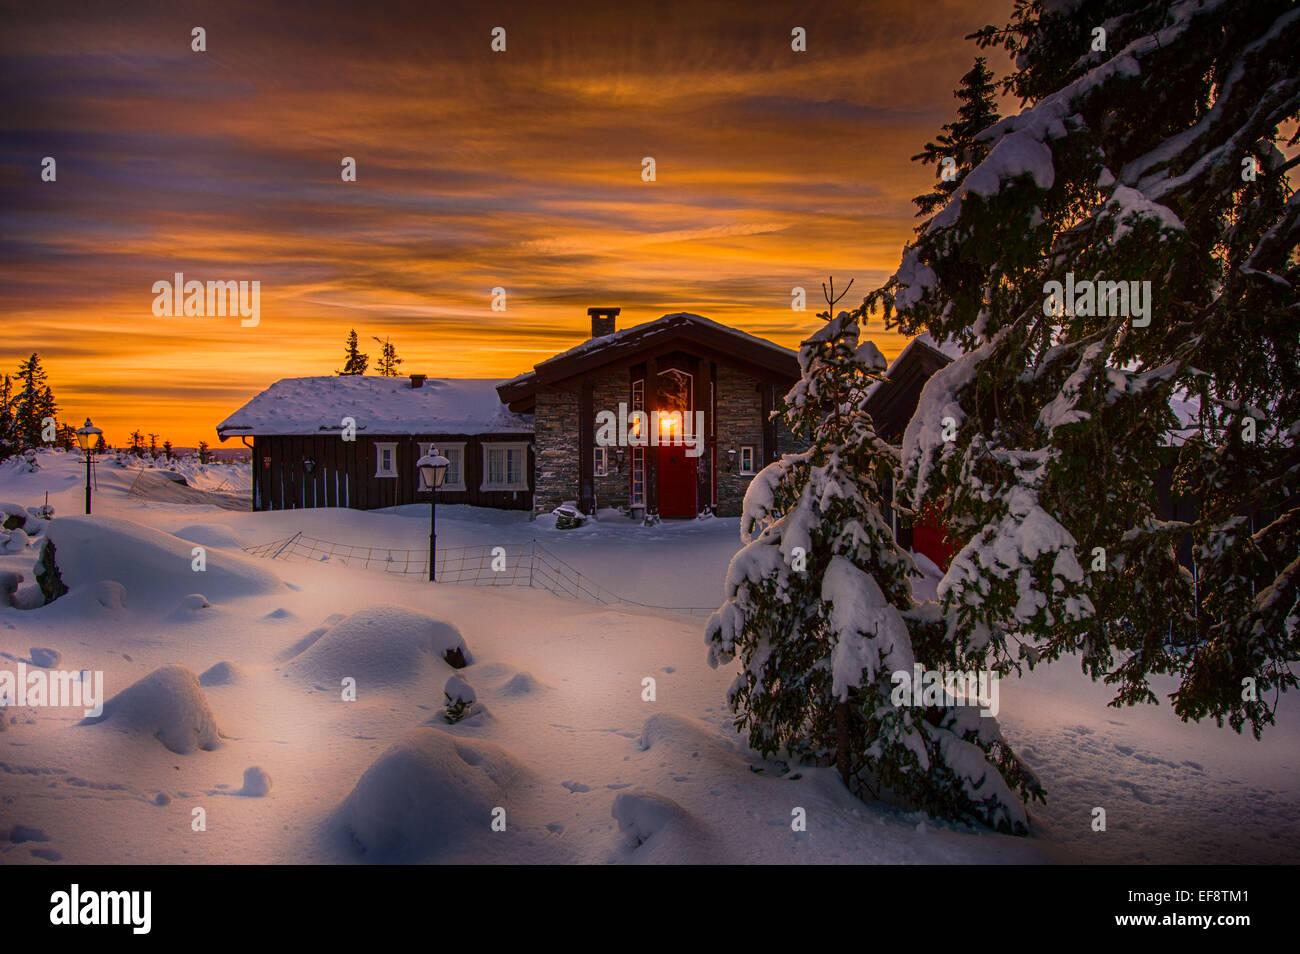 Norway, Namsos, Log cabin at sunset - Stock Image